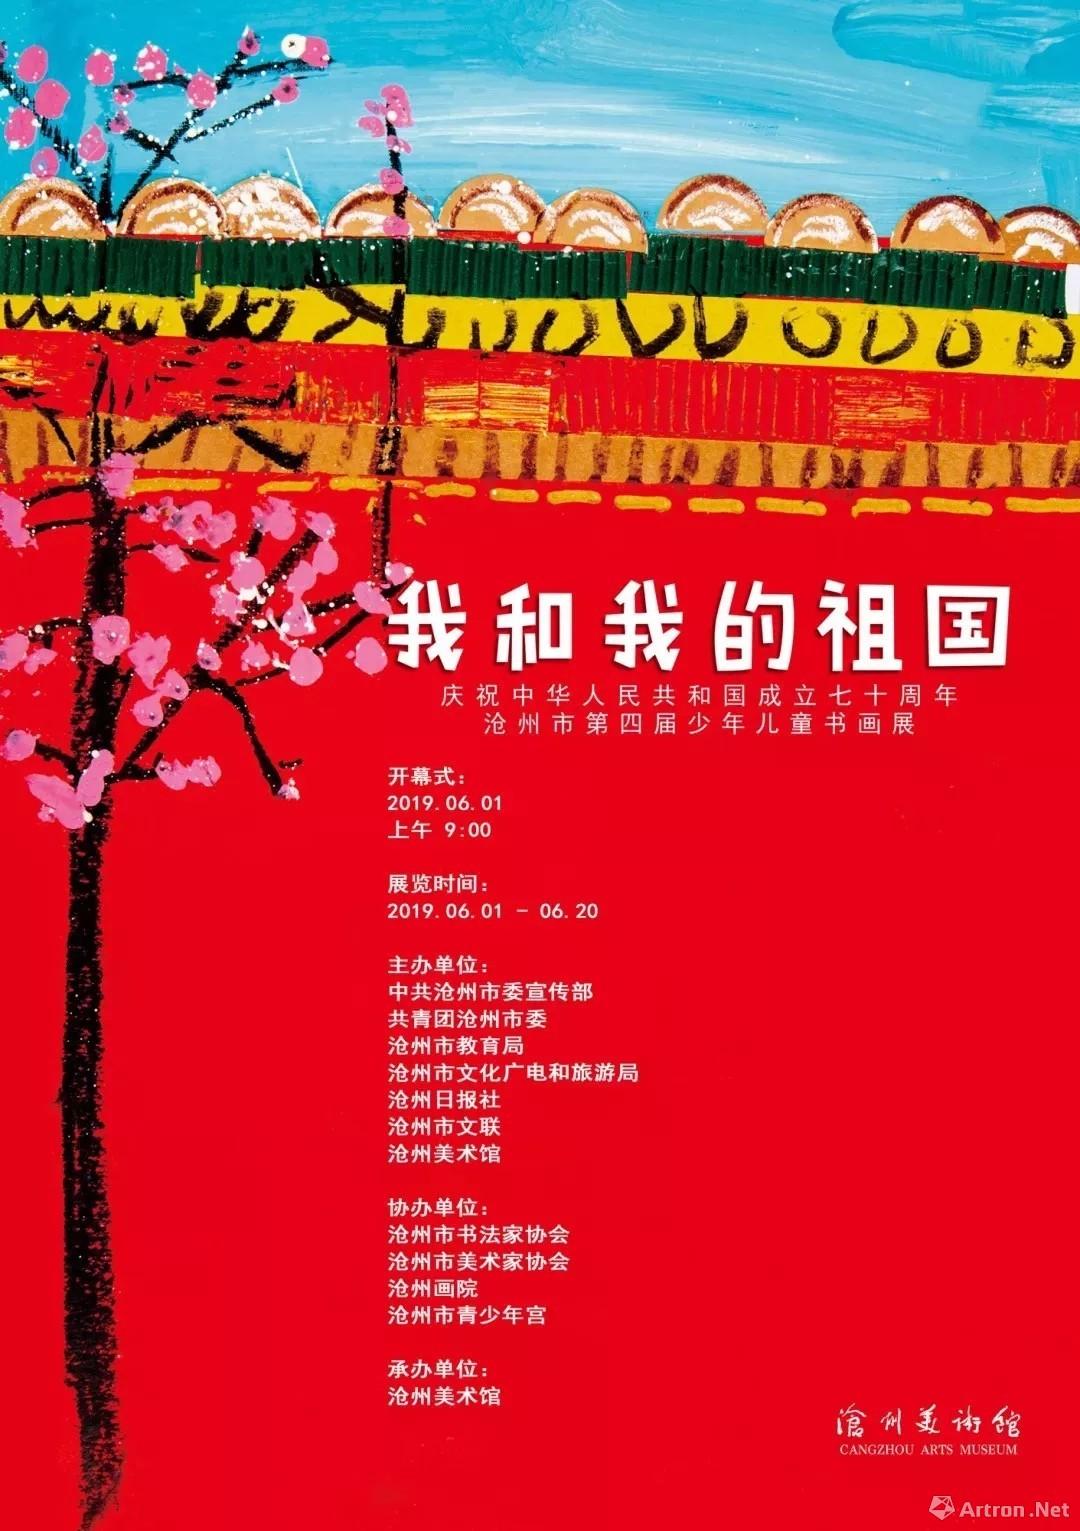 我和我的祖国·庆祝中华人民共和国成立70周年沧州市第四届少年儿童书画展于6月1日开幕